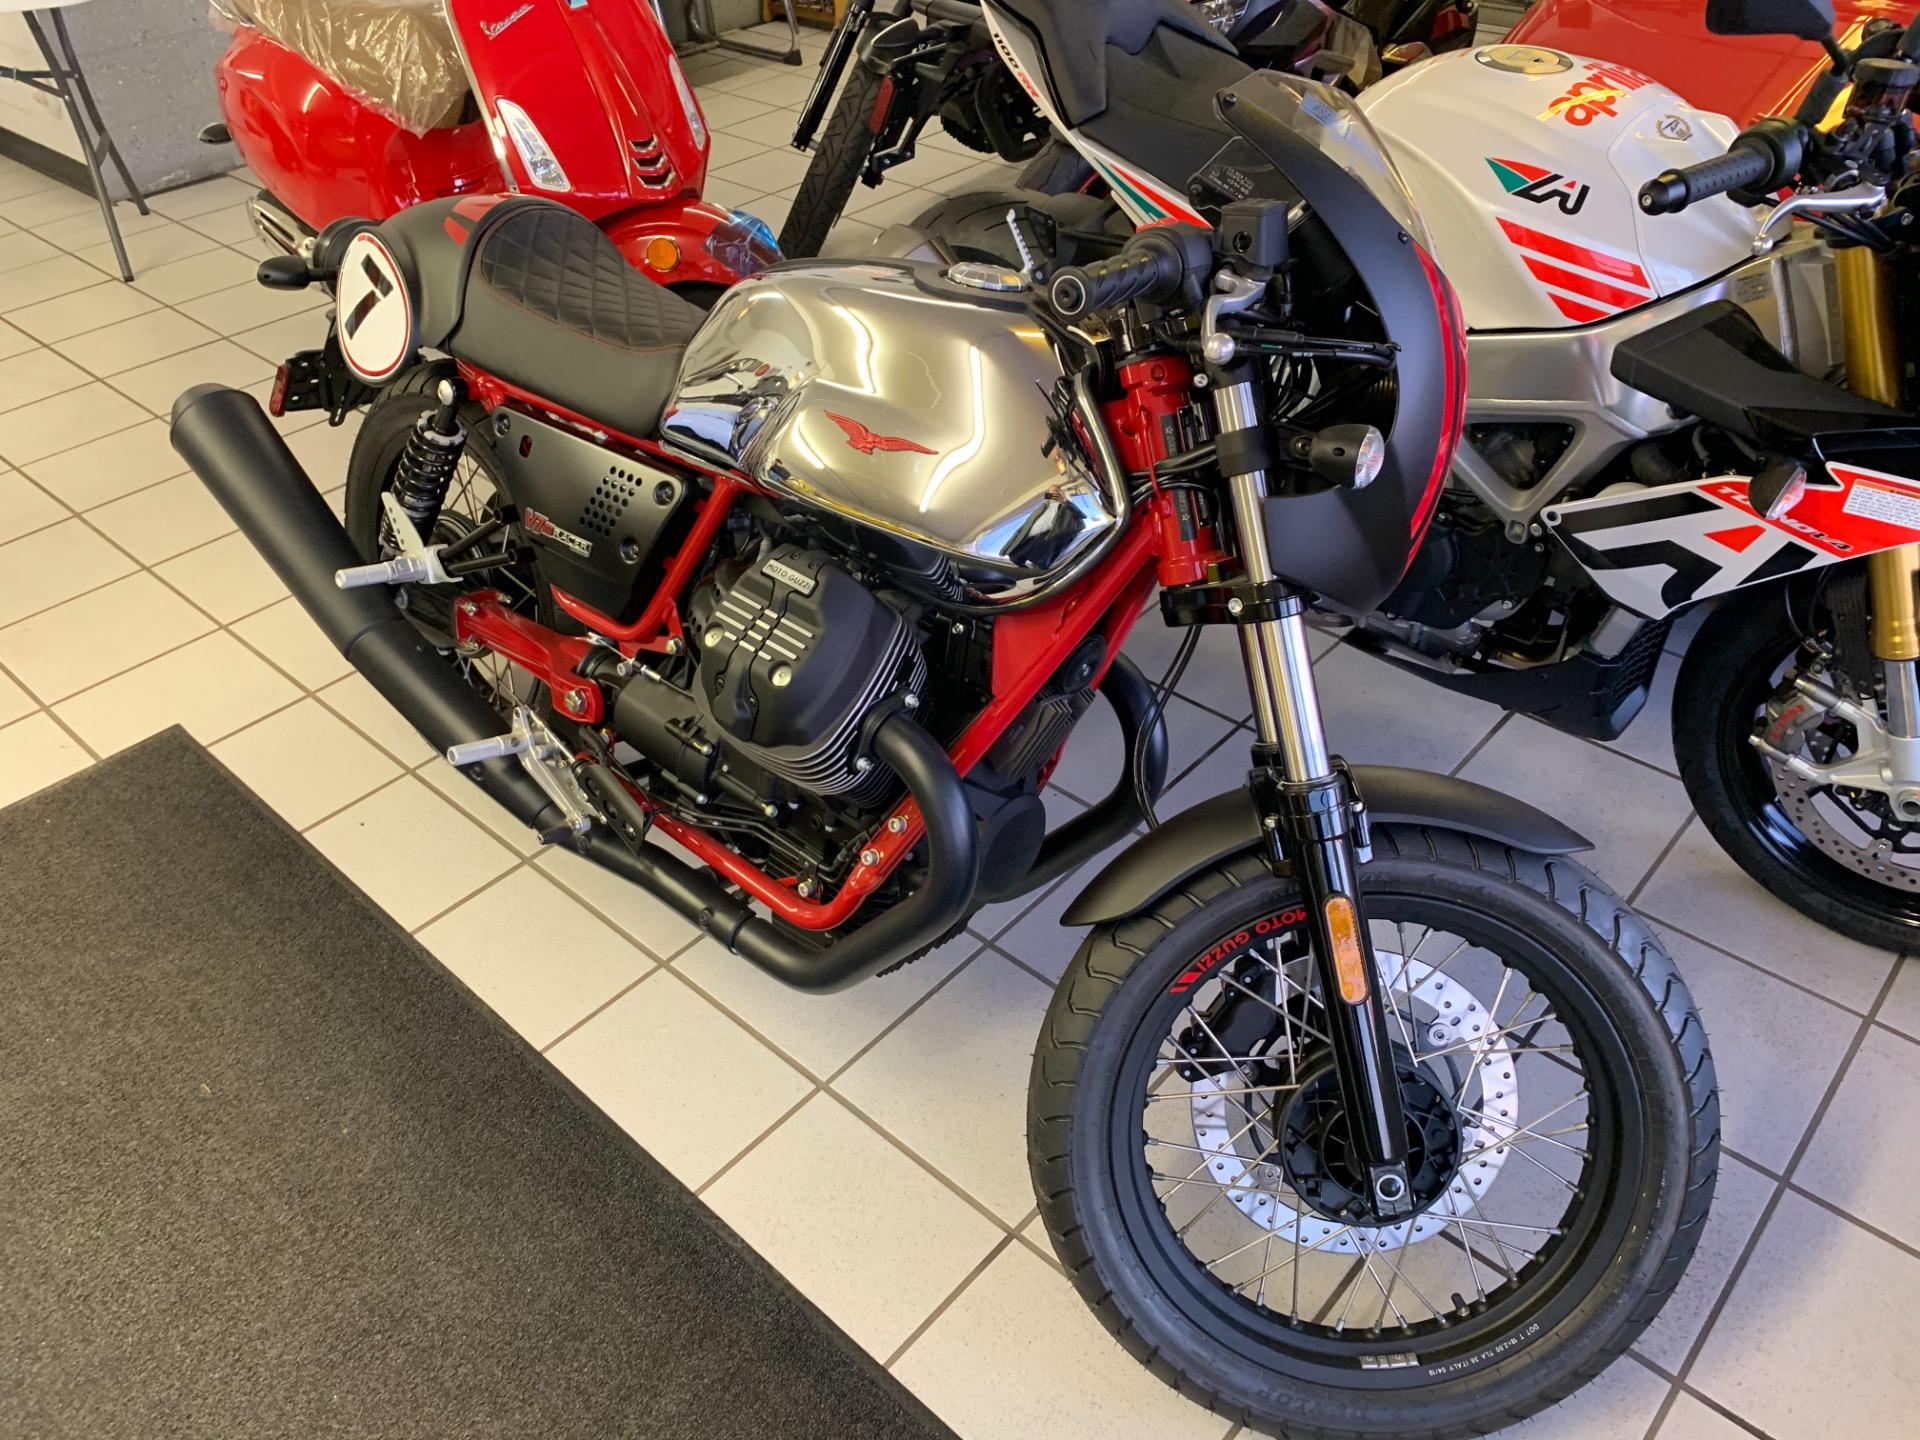 New-2020-Moto-Guzzi-V7-III-Racer-X-Anniversary-Ed